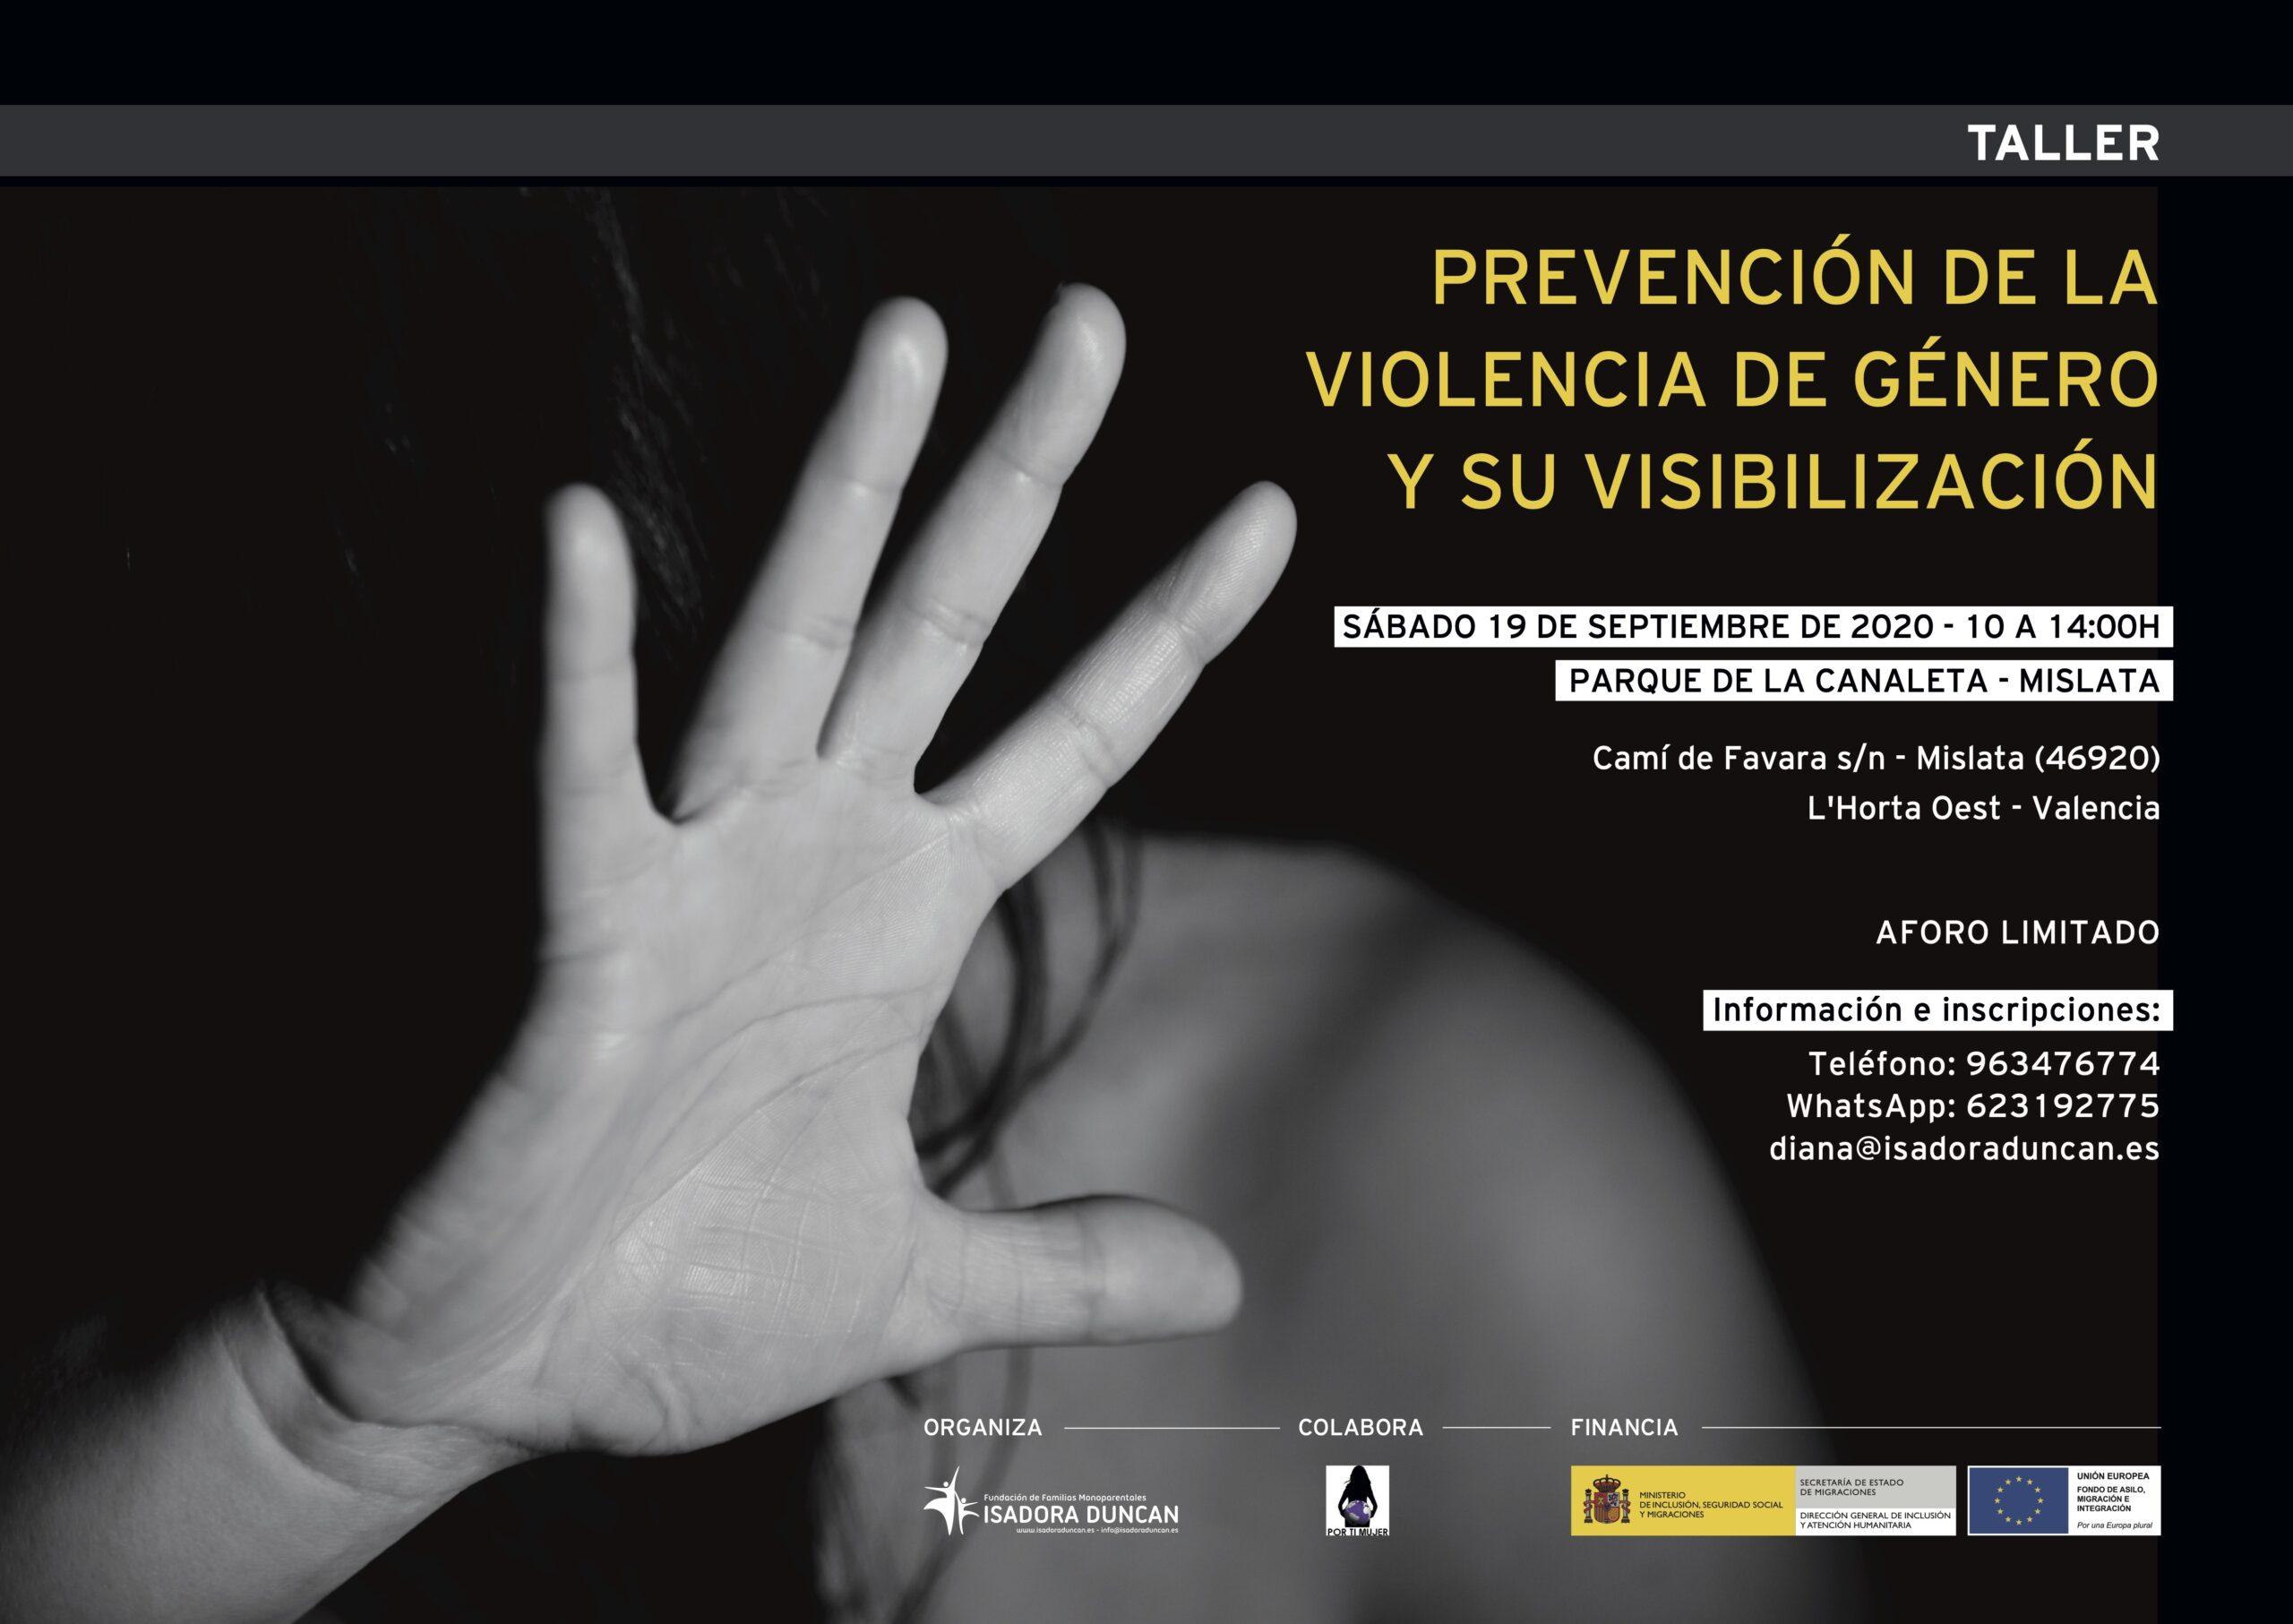 Taller prevención violencia de género